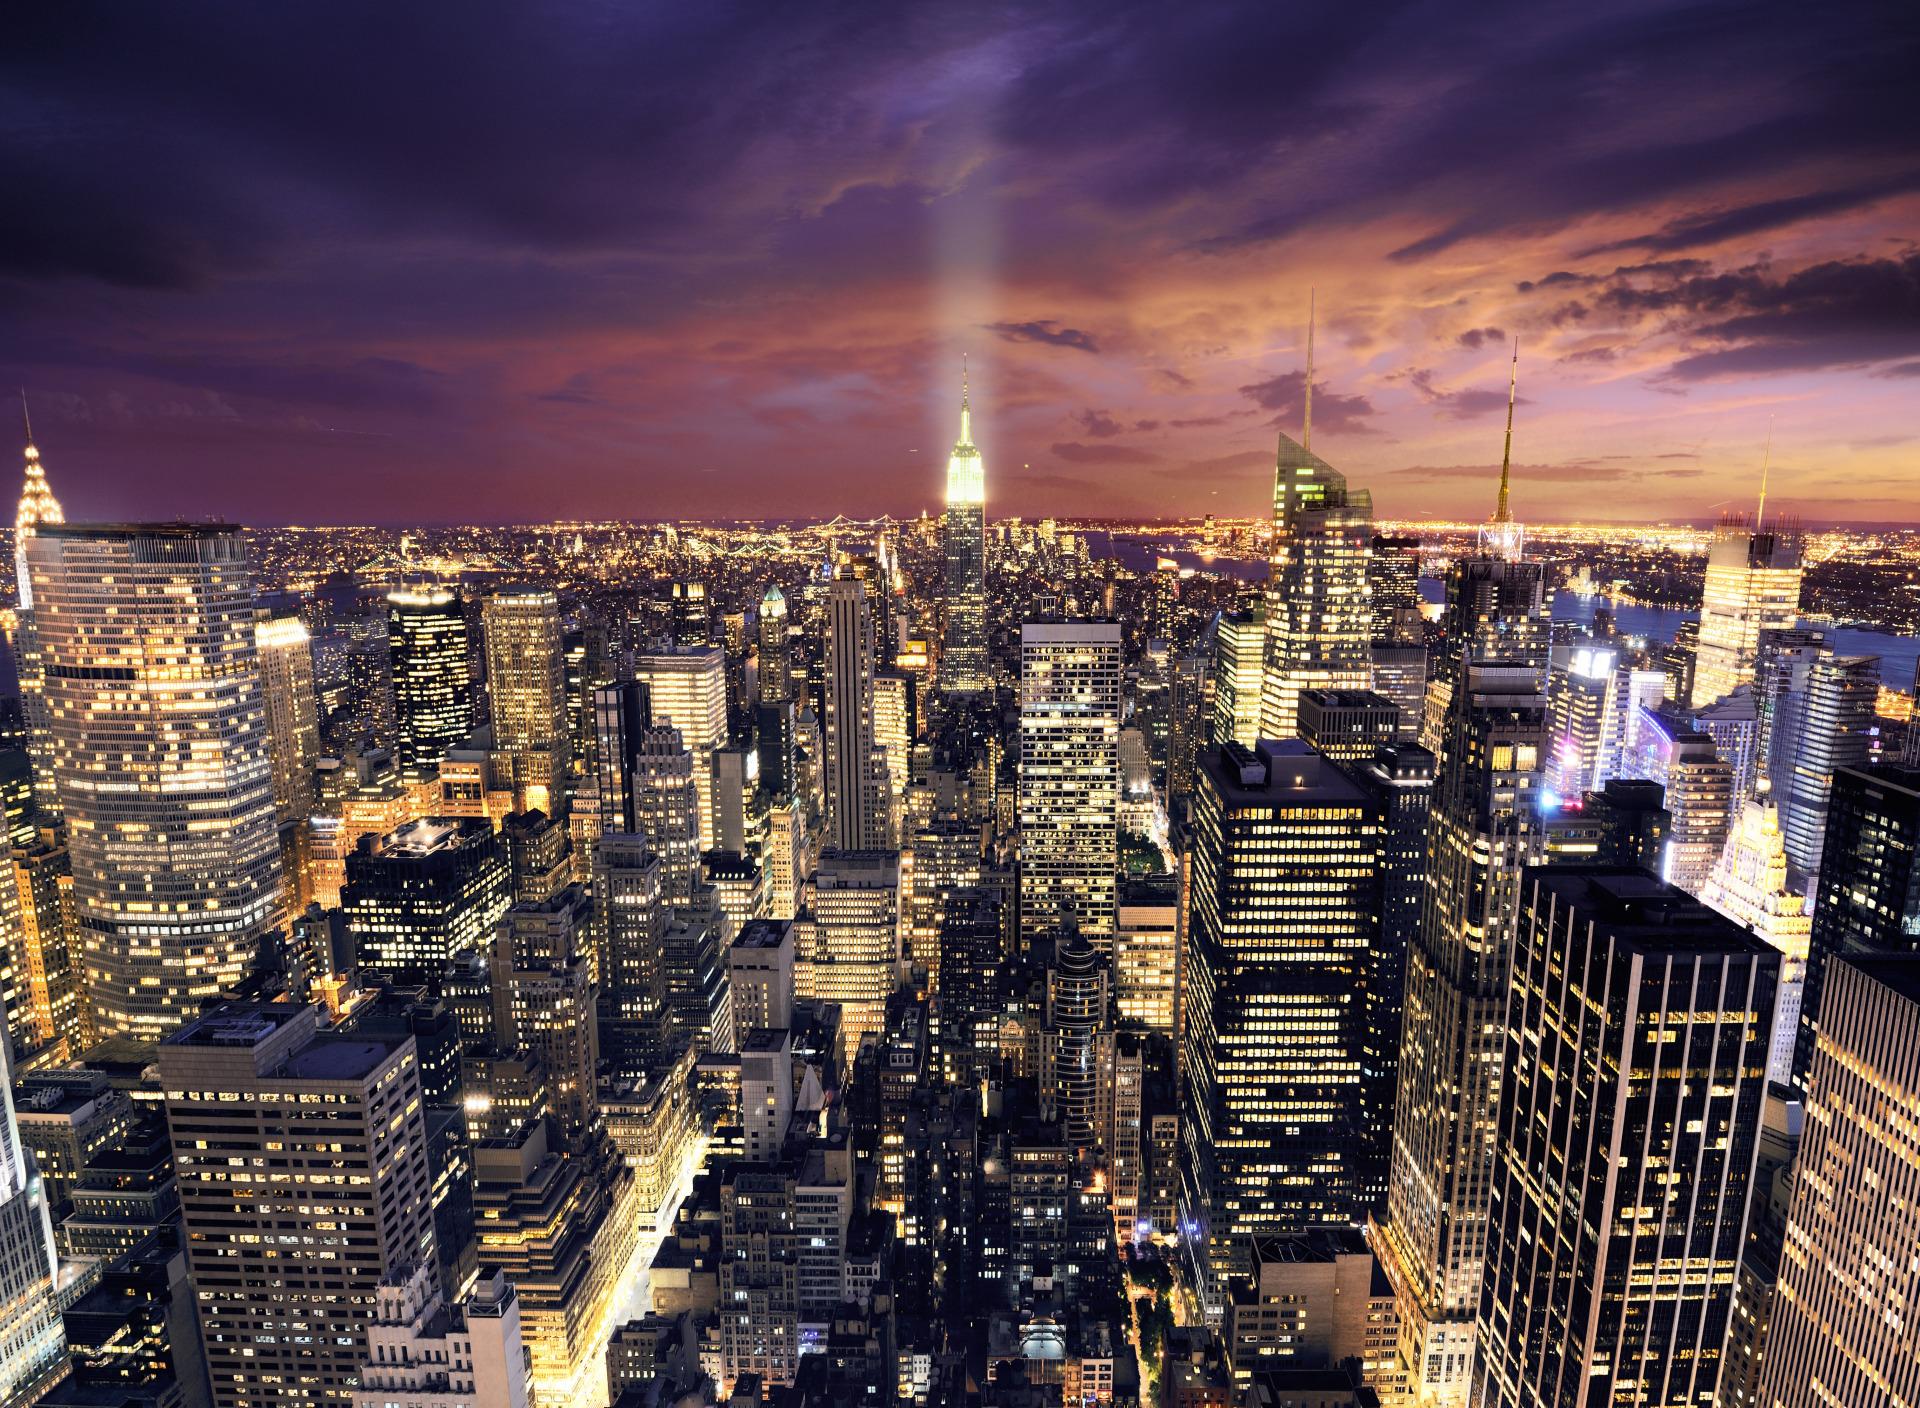 внимание, что, фото города с большим разрешением там можете увидеть